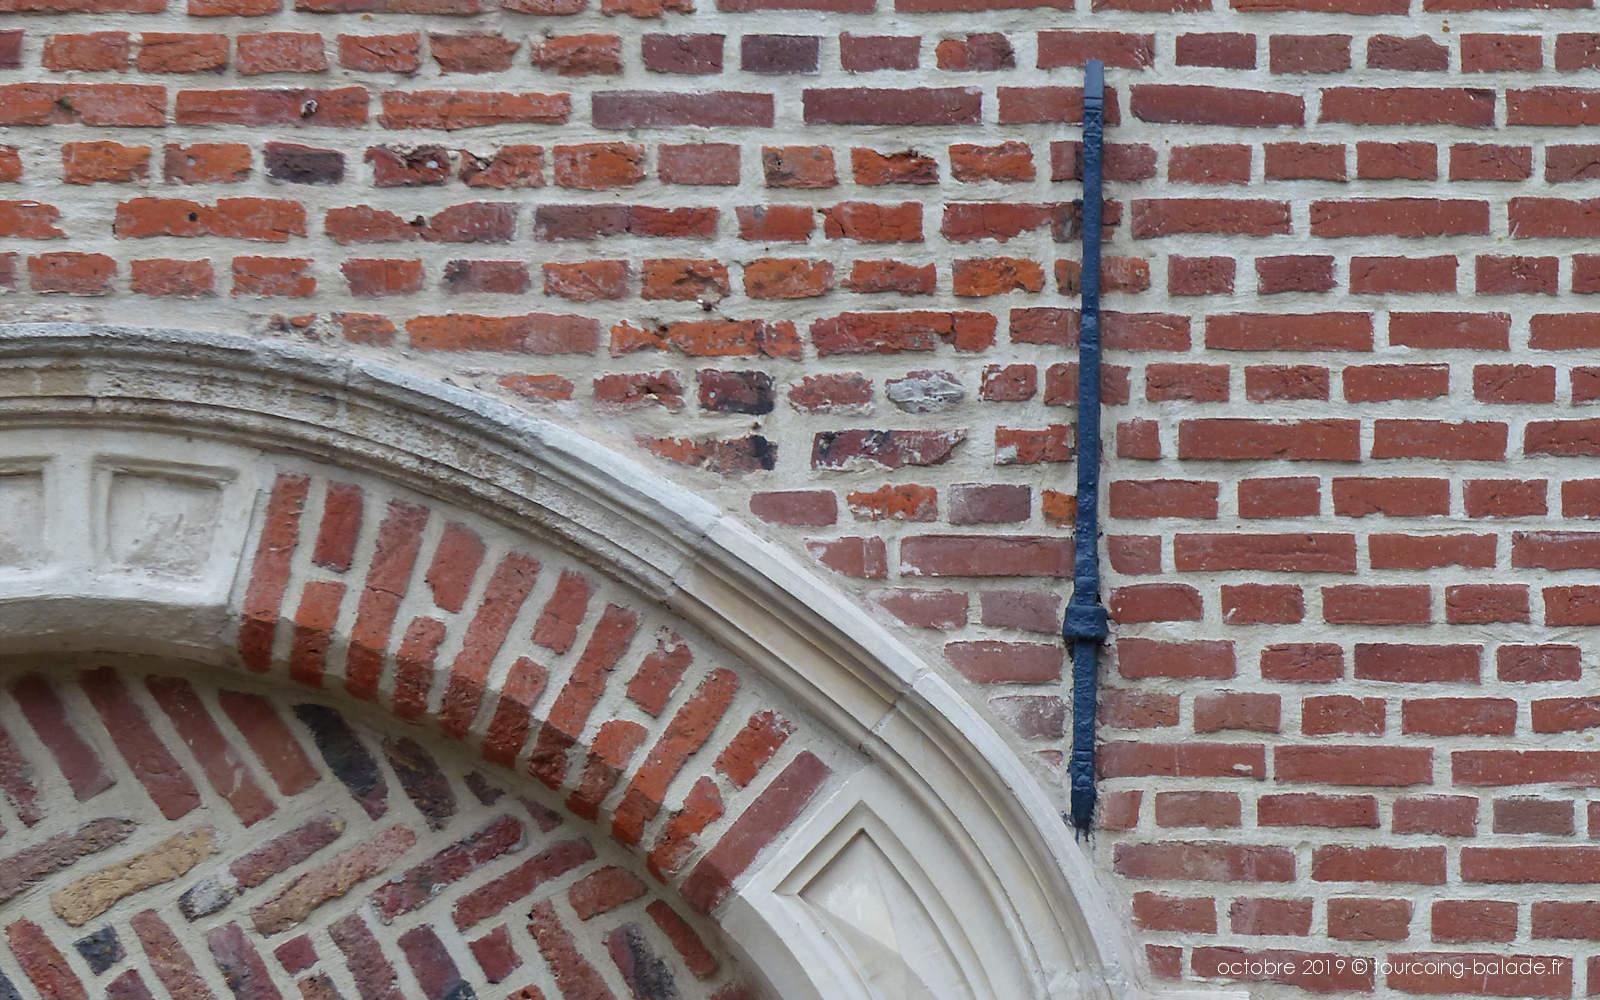 Ancres architecturales Tourcoing - Cloître de l'Hospice d'Havré